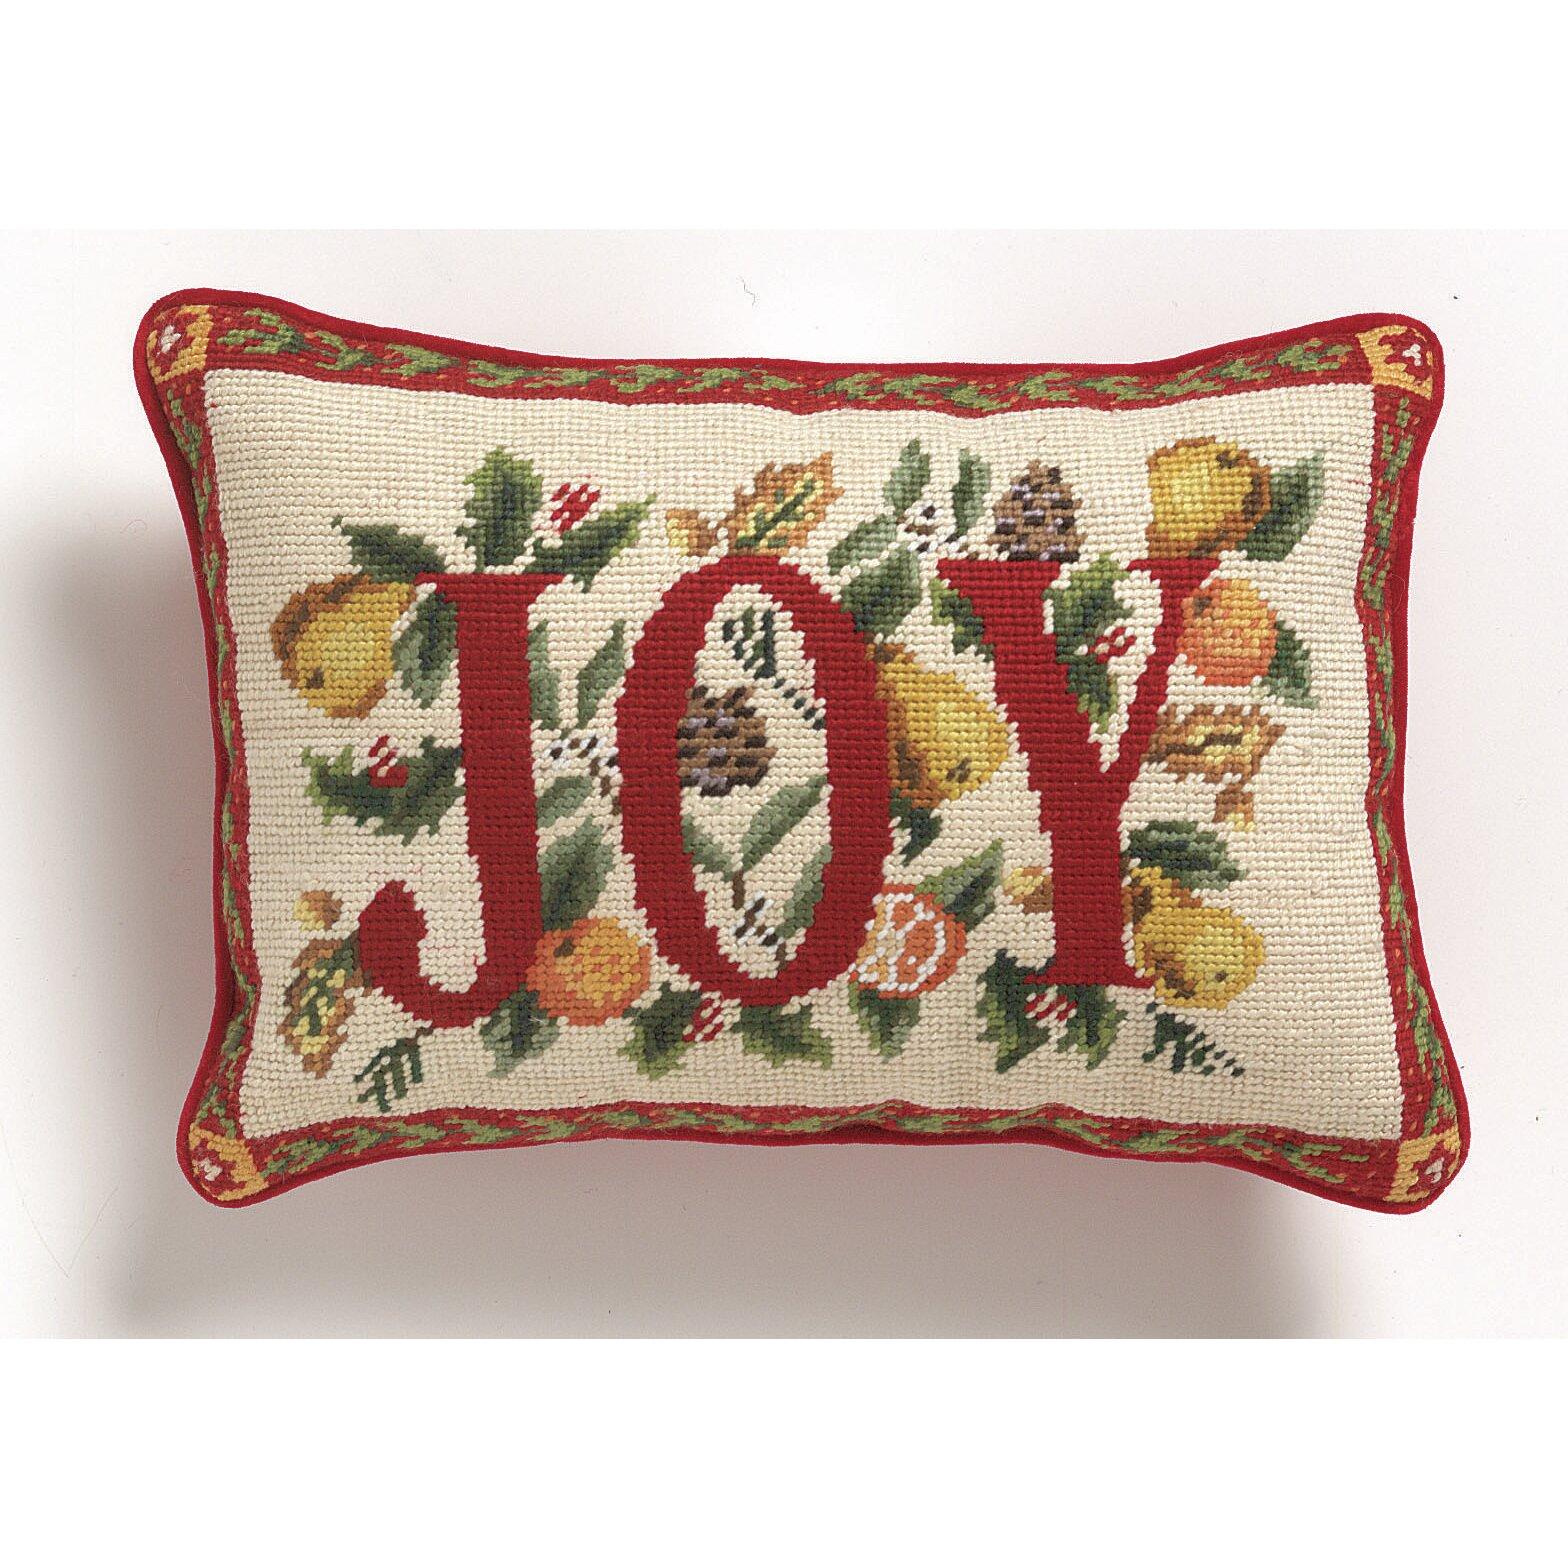 Joy Throw Pillow : Peking Handicraft Joy Throw Pillow & Reviews Wayfair